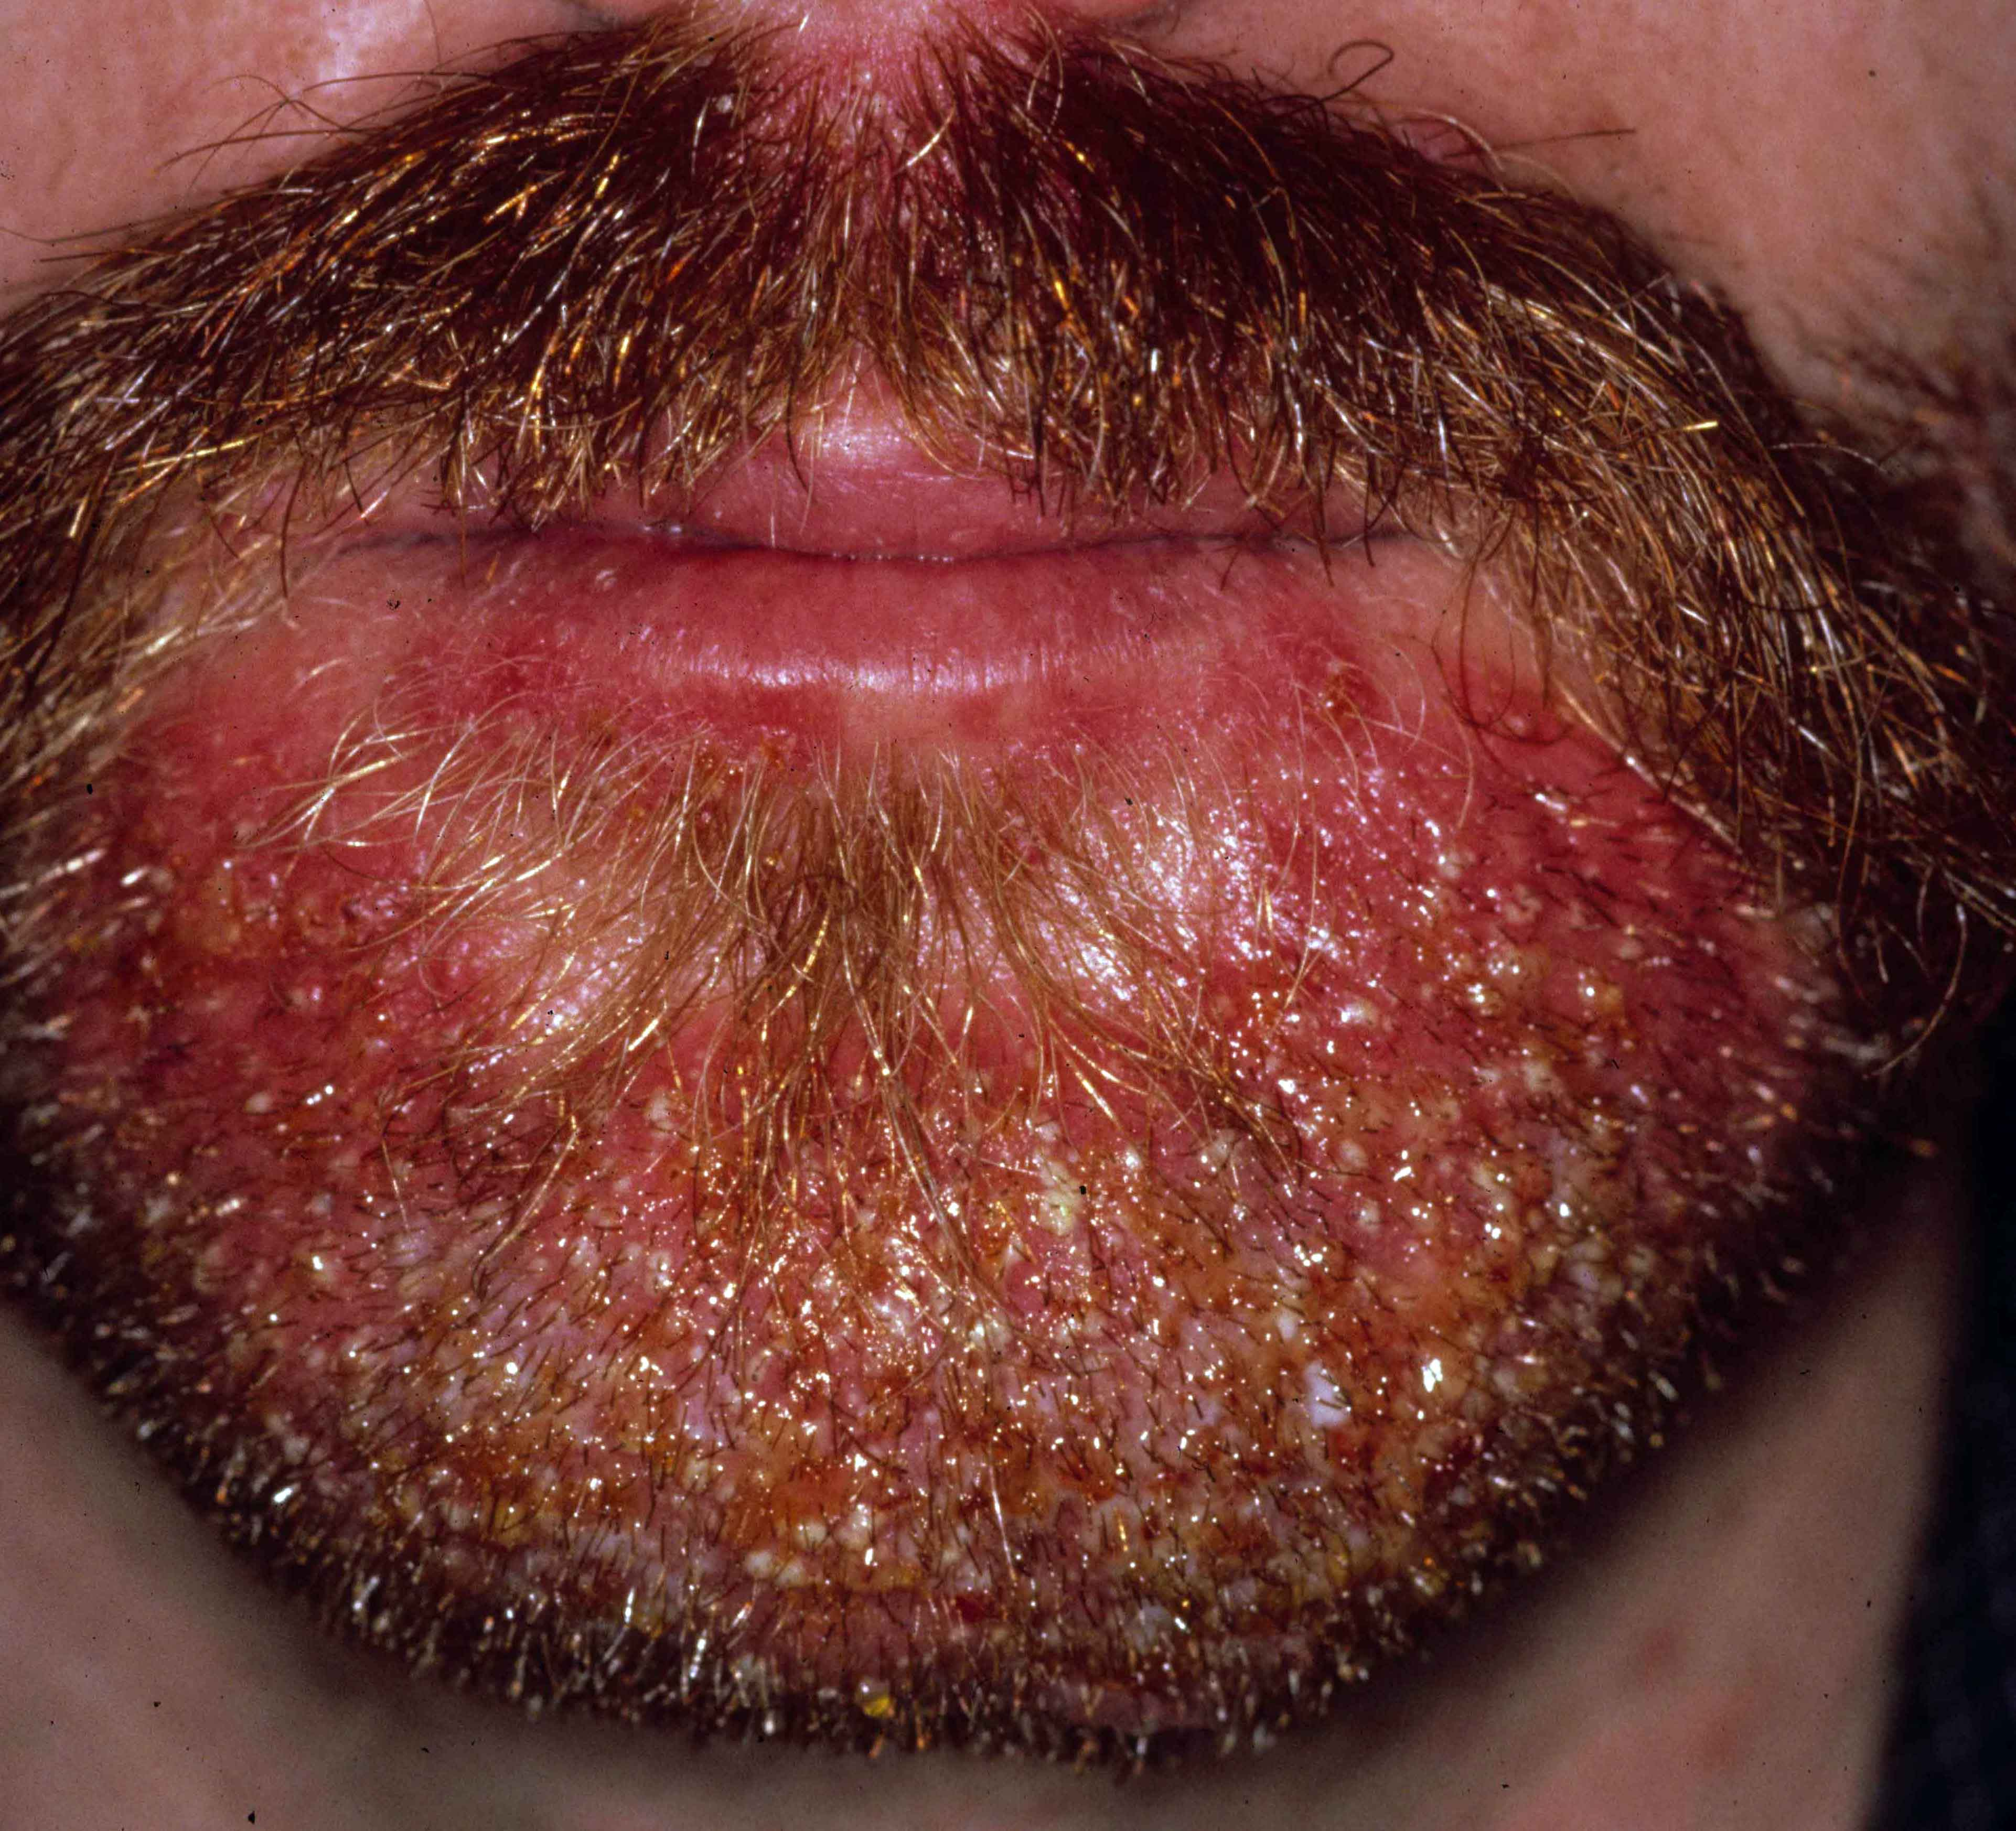 Folliculitis, Acute Bacterial [Bockhart's Impetigo